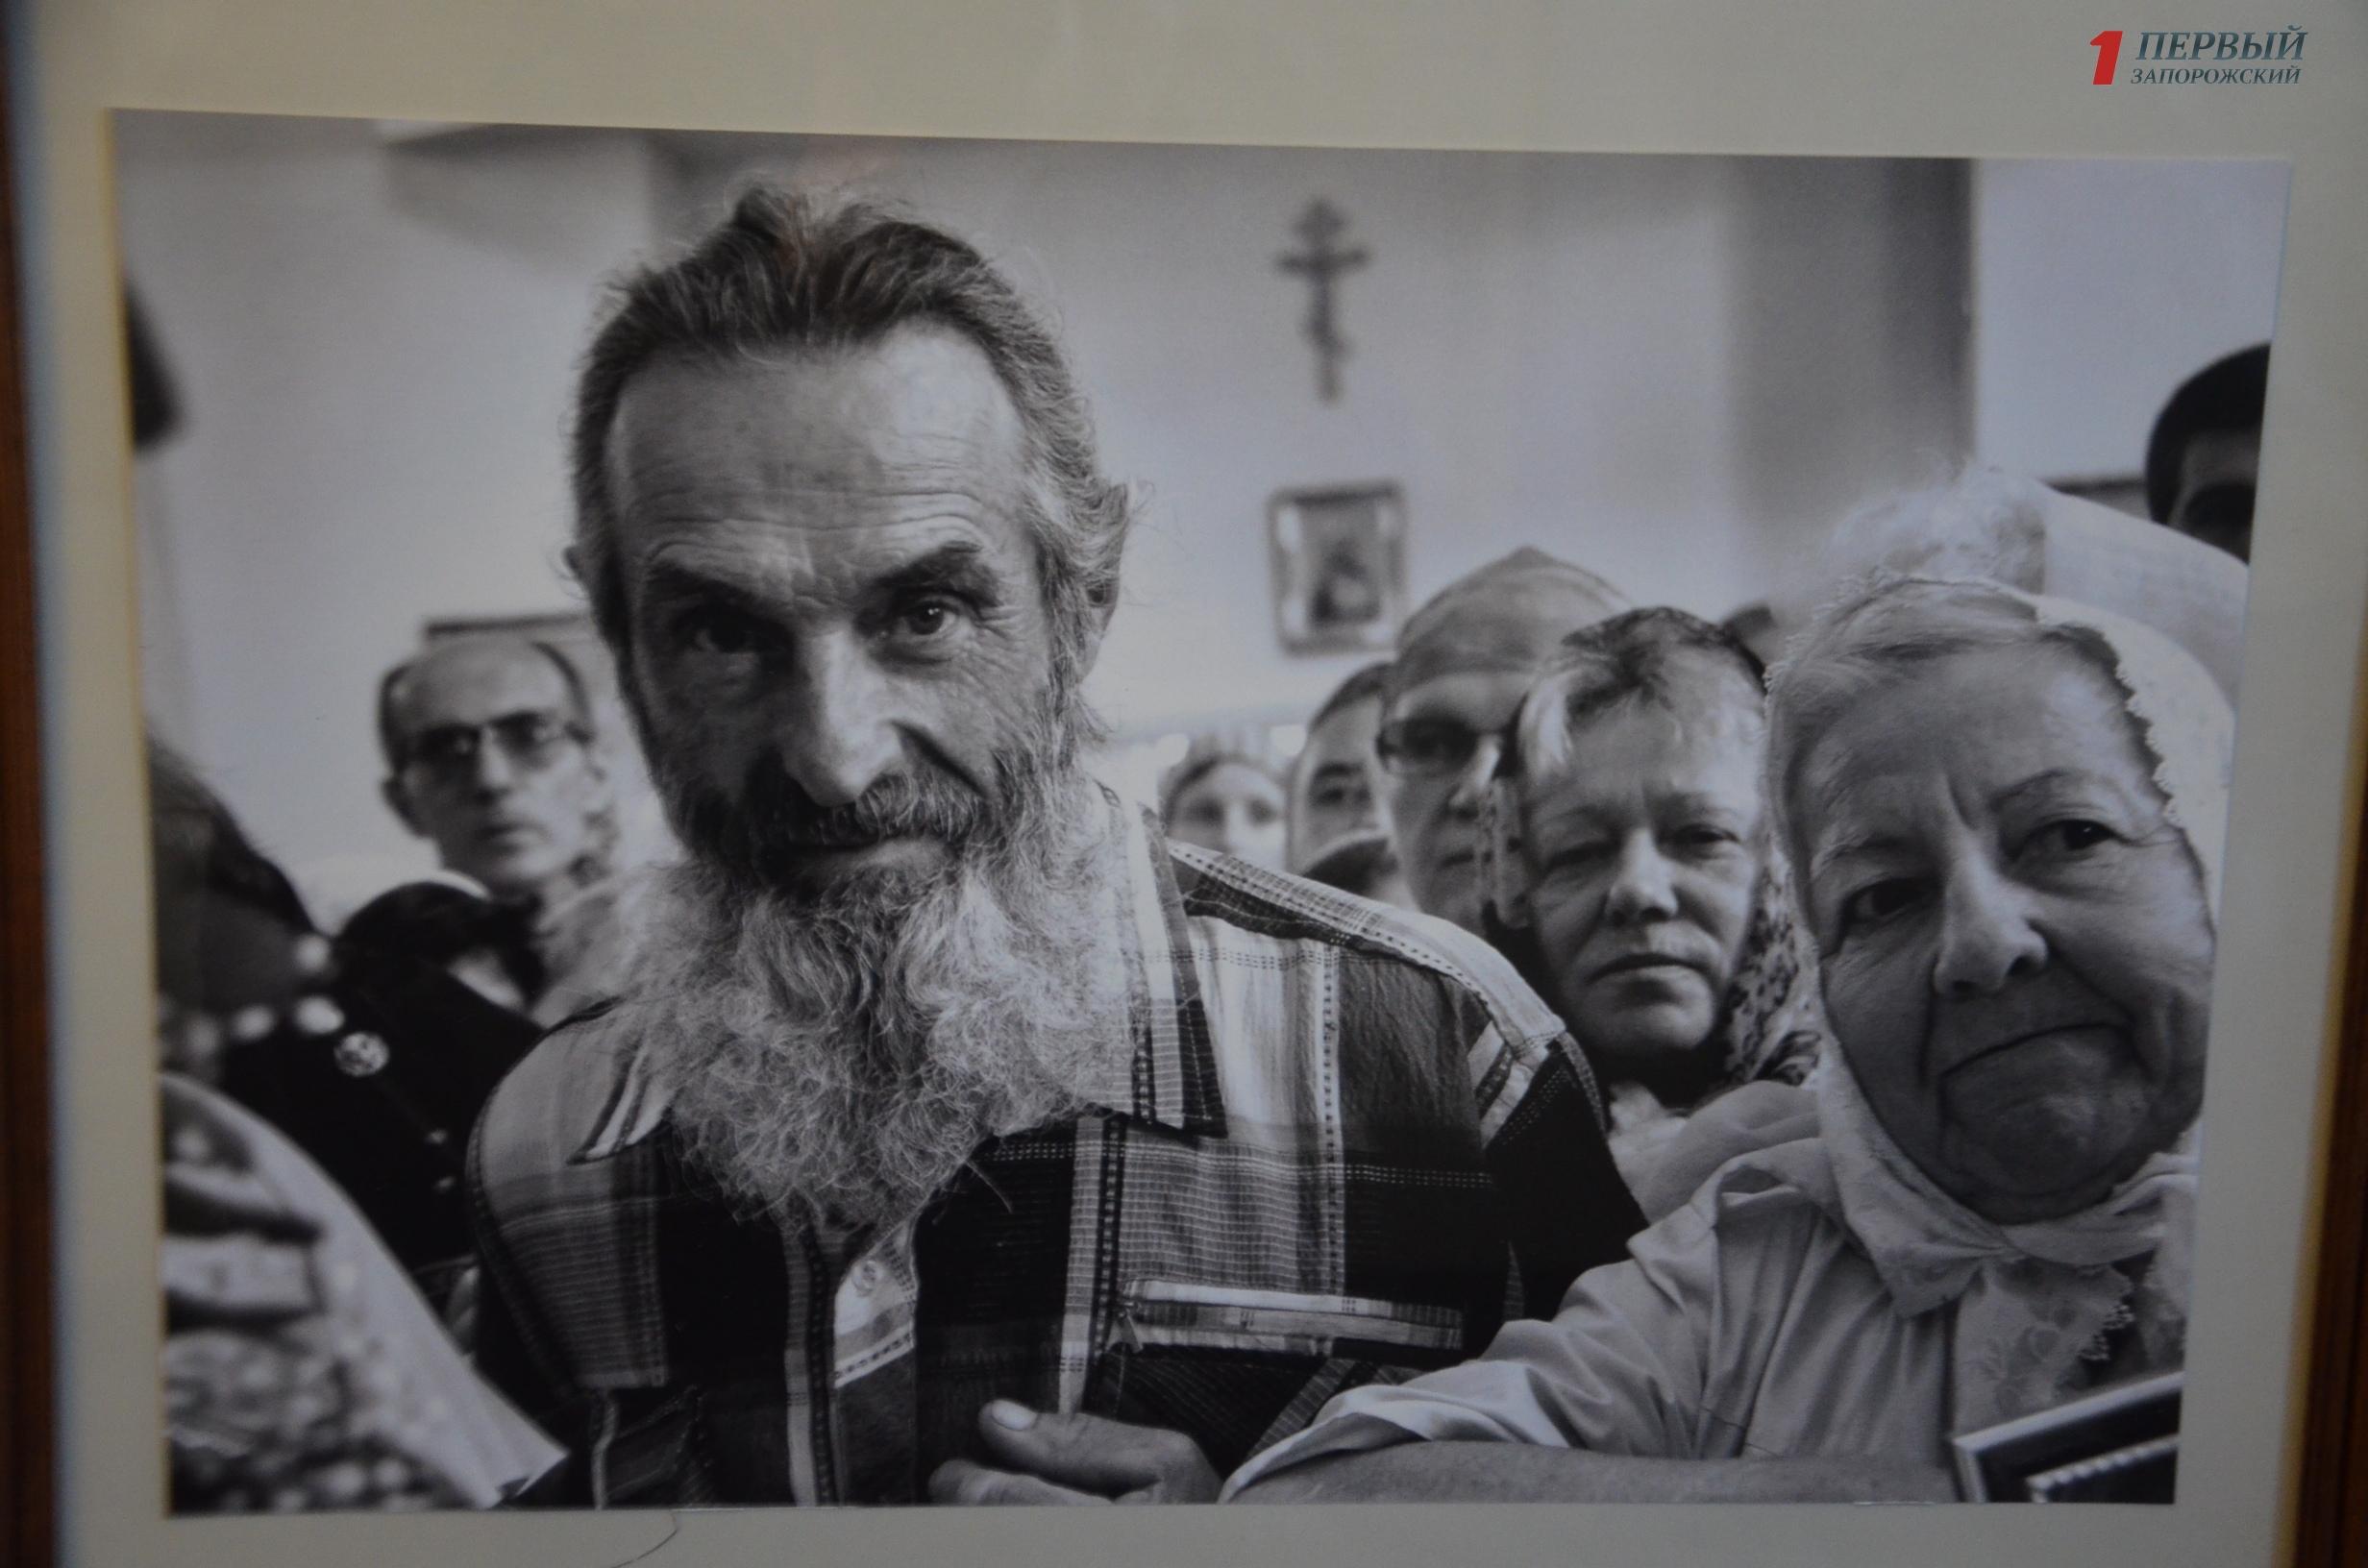 Запорожский фотохудожник открыл необычную выставку документальных портретов - ФОТО, ВИДЕО